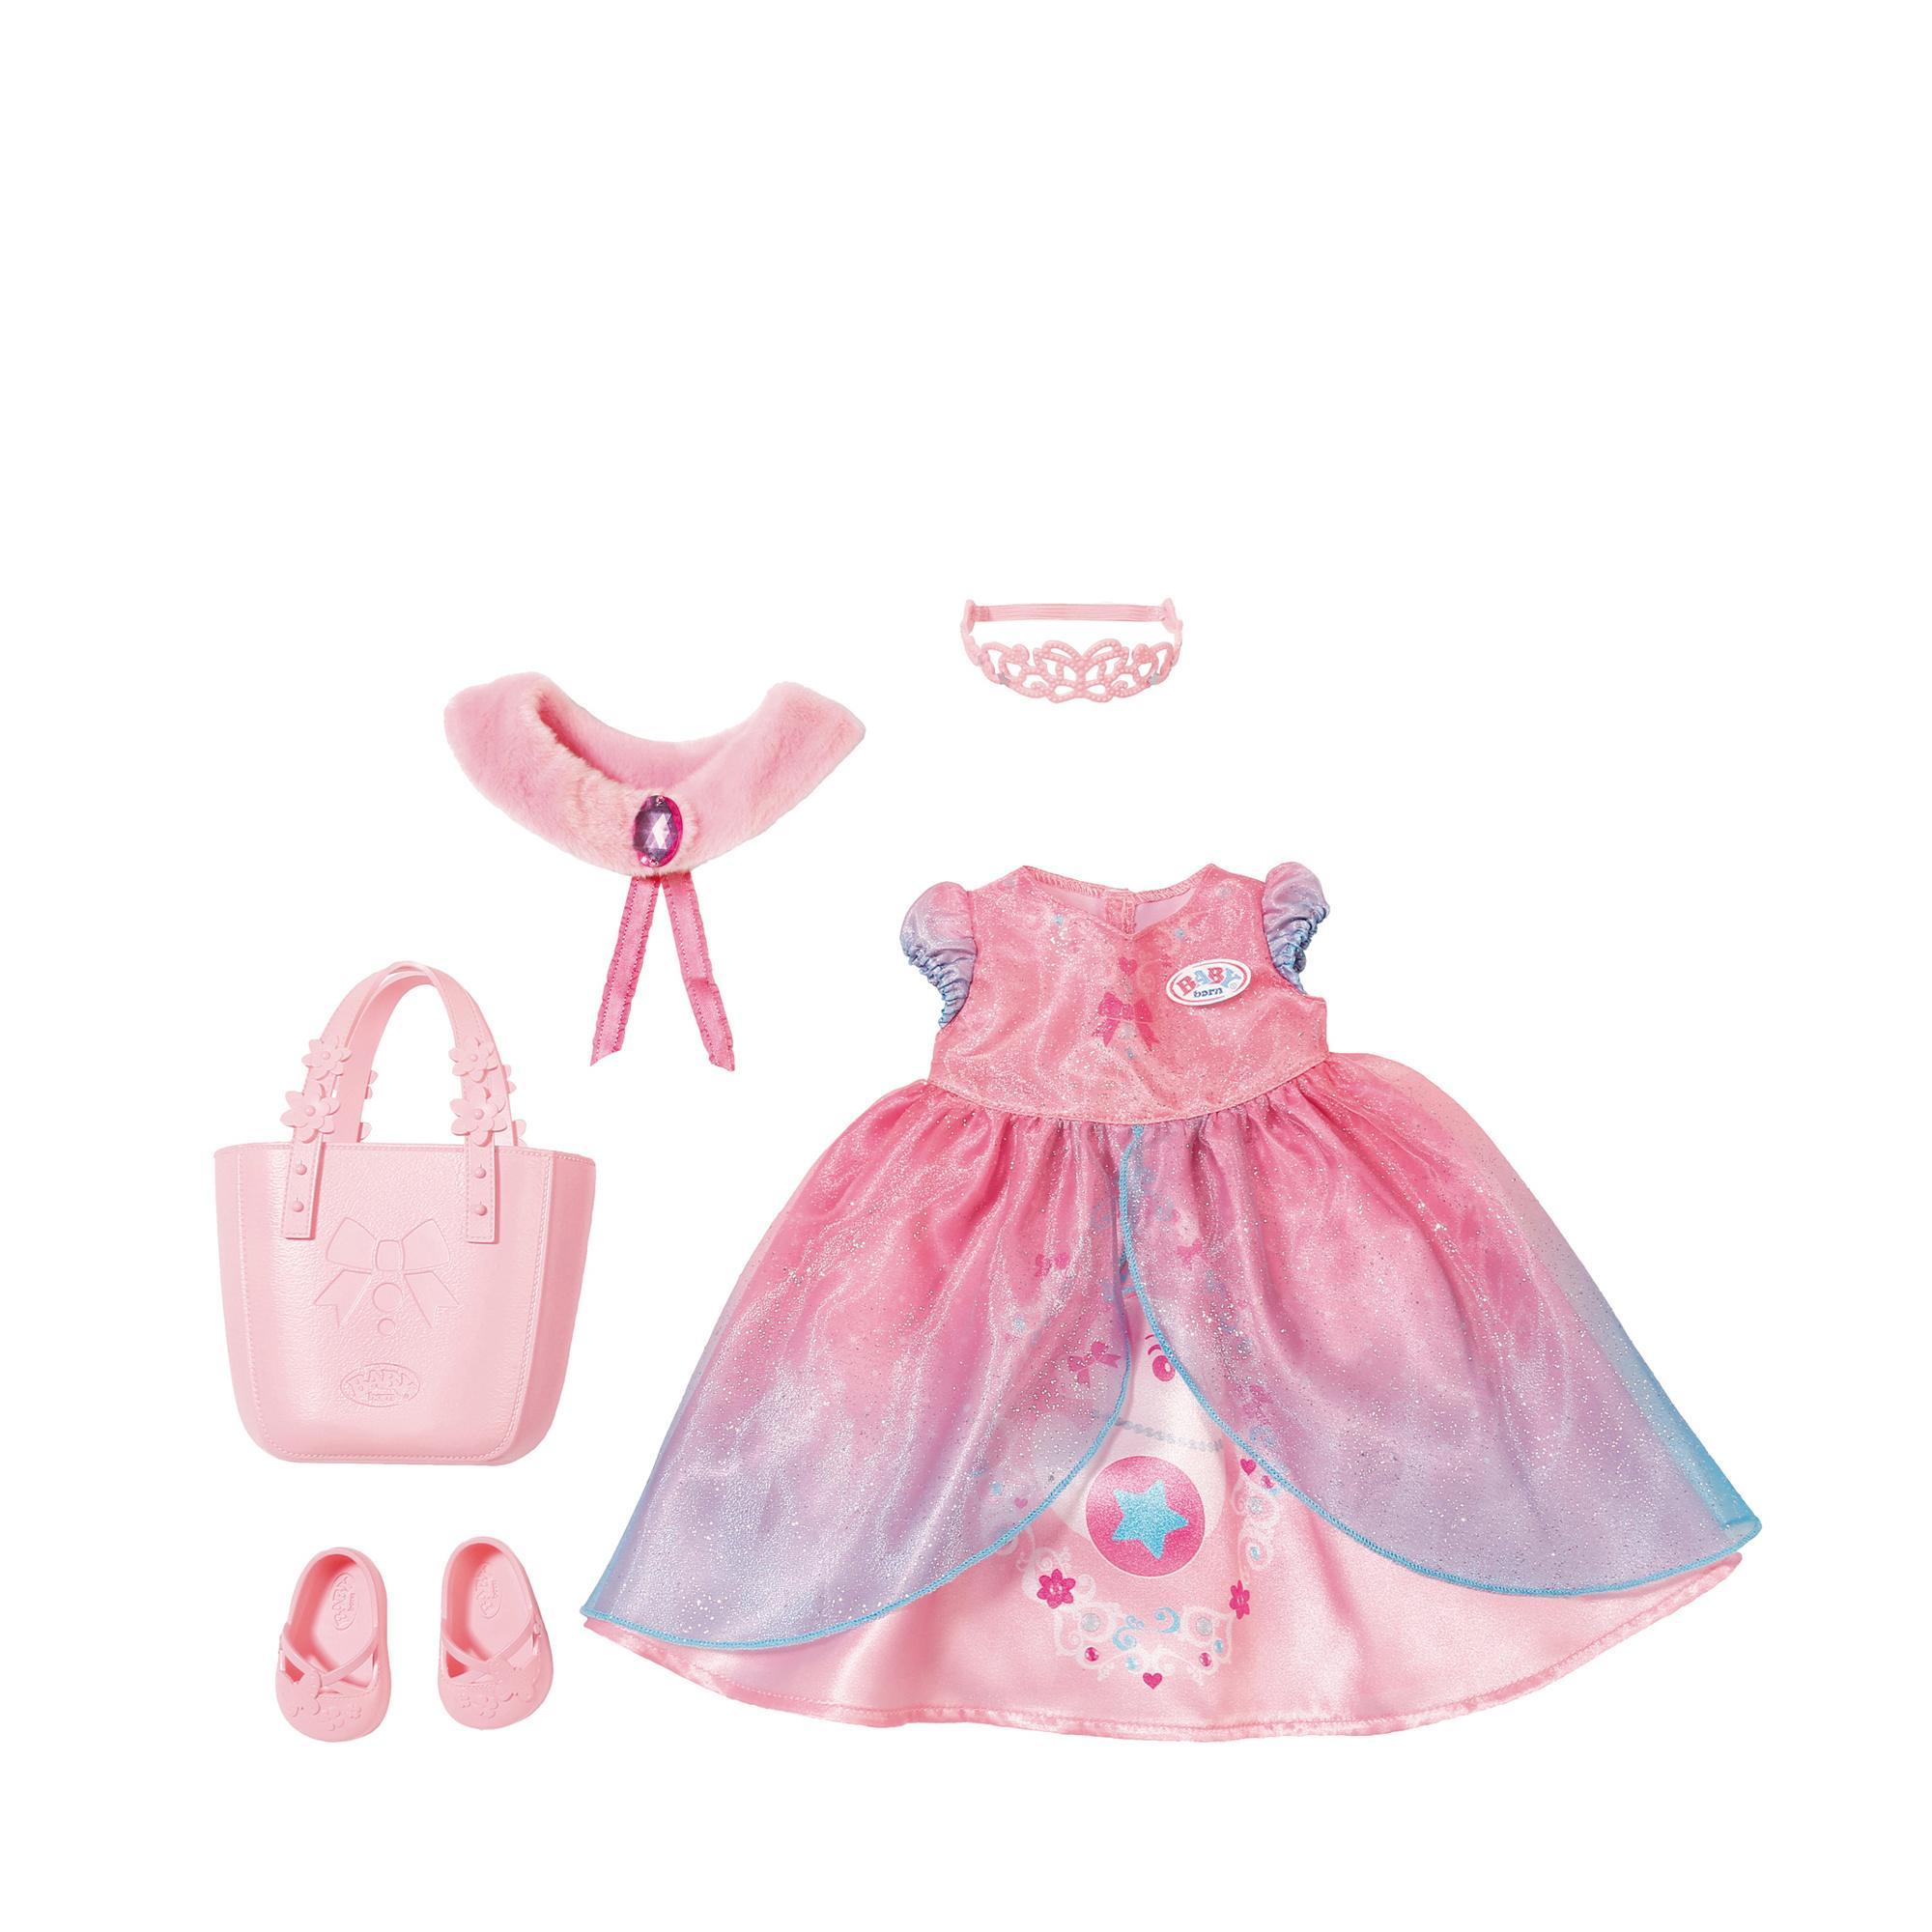 Baby Born - Boutique Deluxe Shopping Princess (824801)